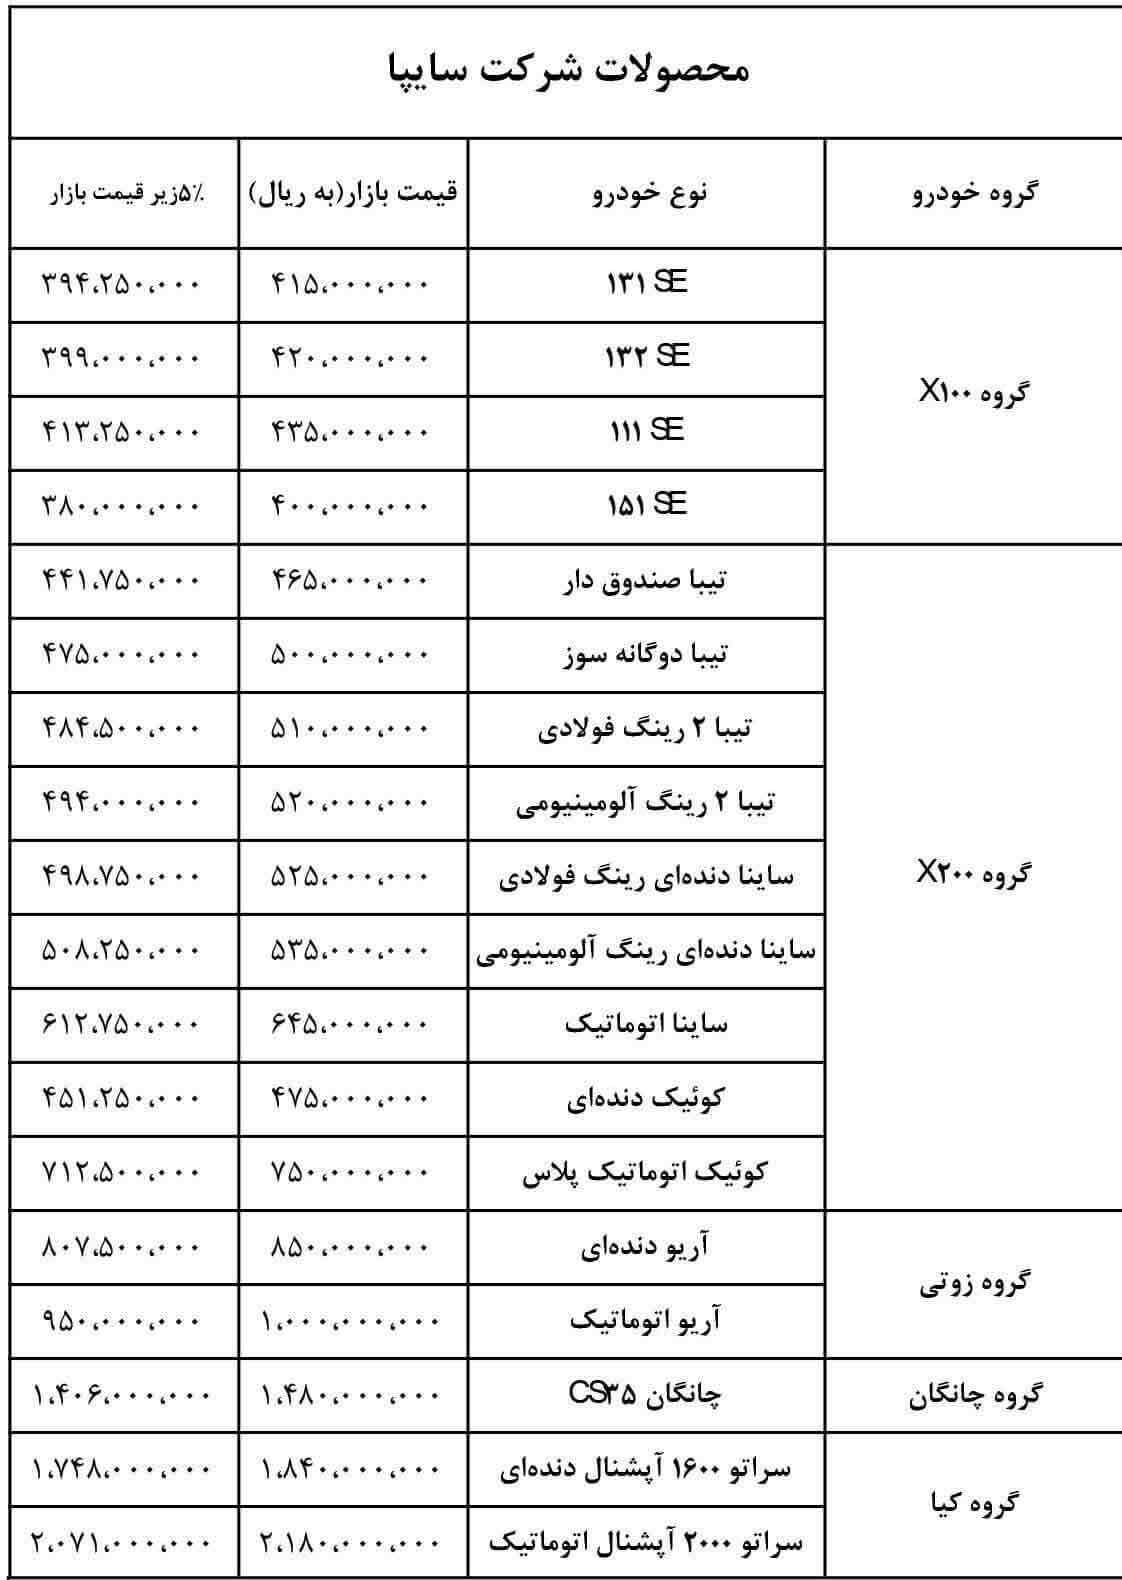 قیمت جدید محصولات سایپا و پارس خودرو منتشر شد - 27 بهمن